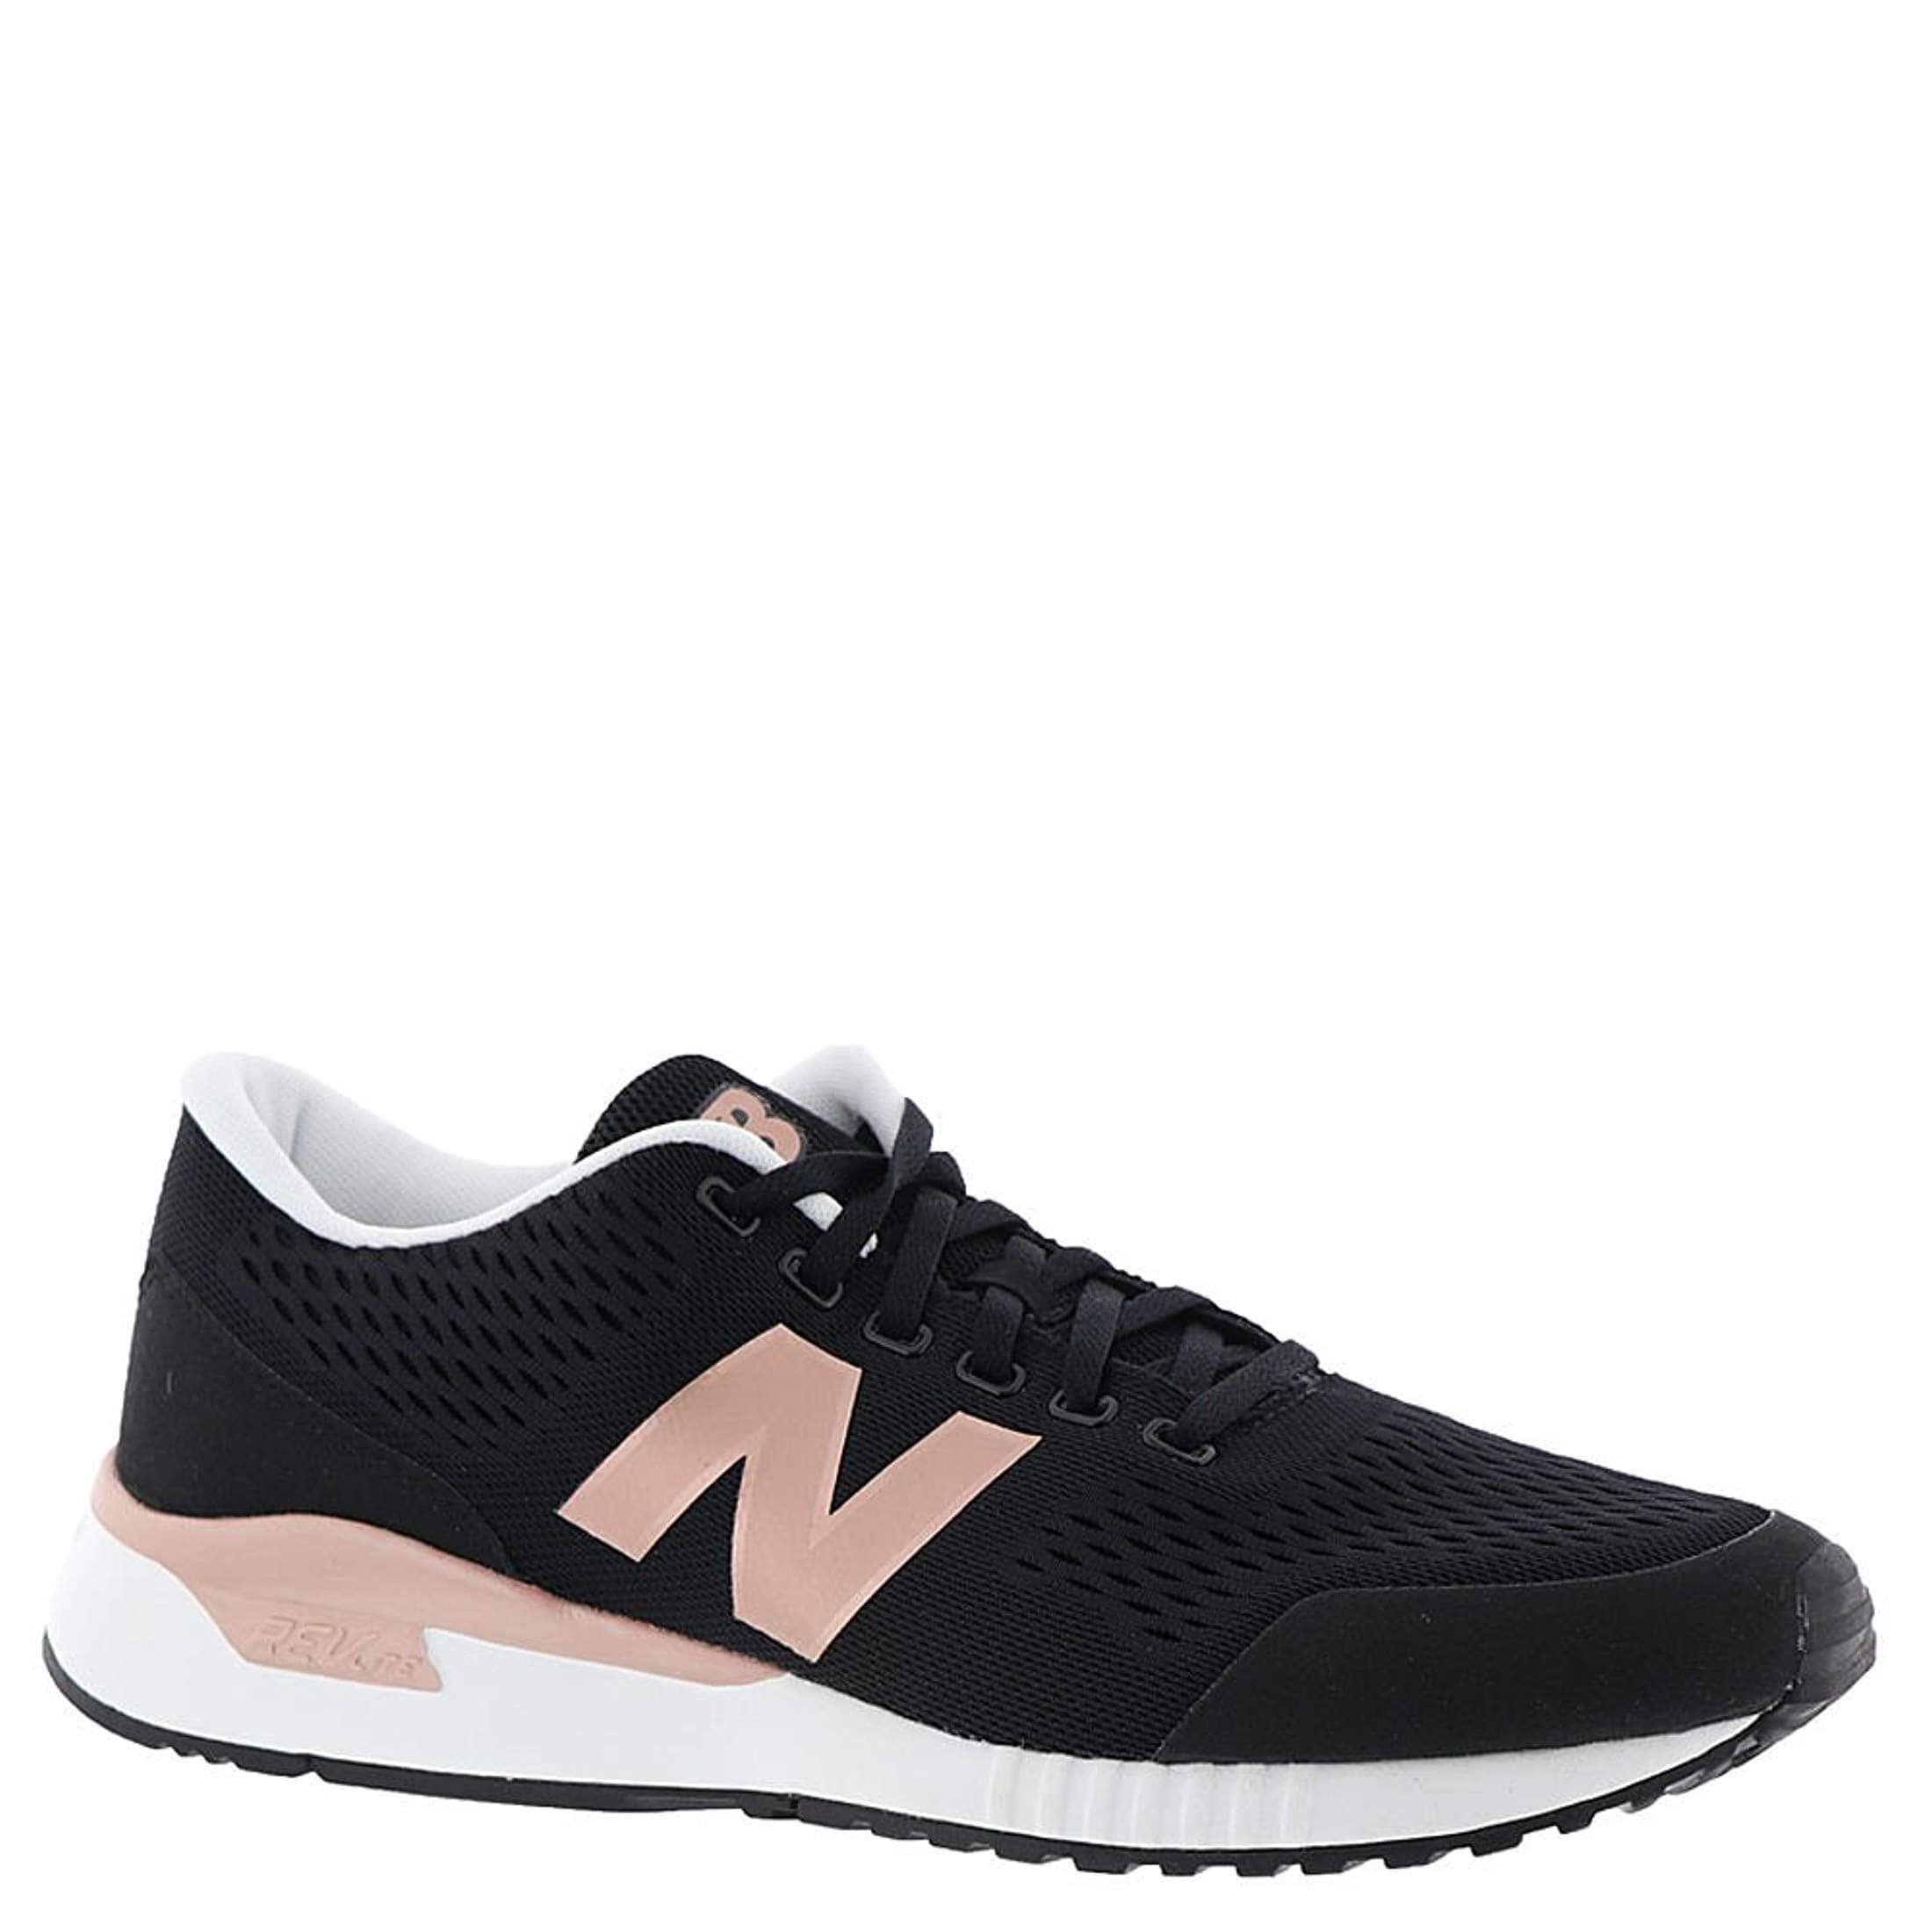 215V1 Lifestyle Sneaker, Black